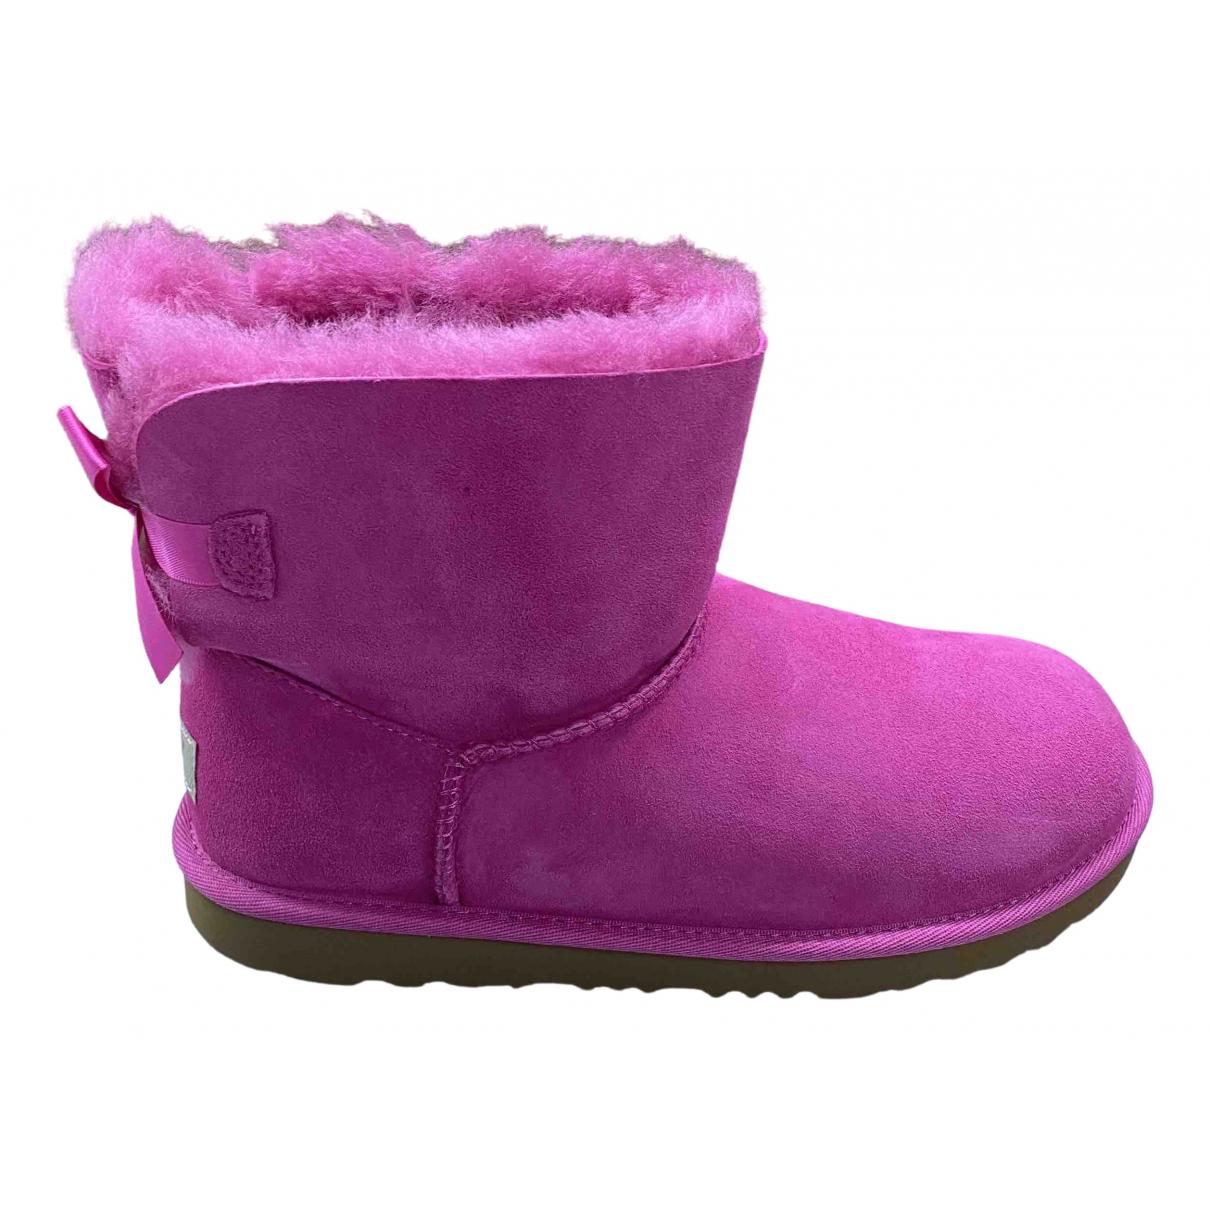 Ugg - Boots   pour femme en suede - rose